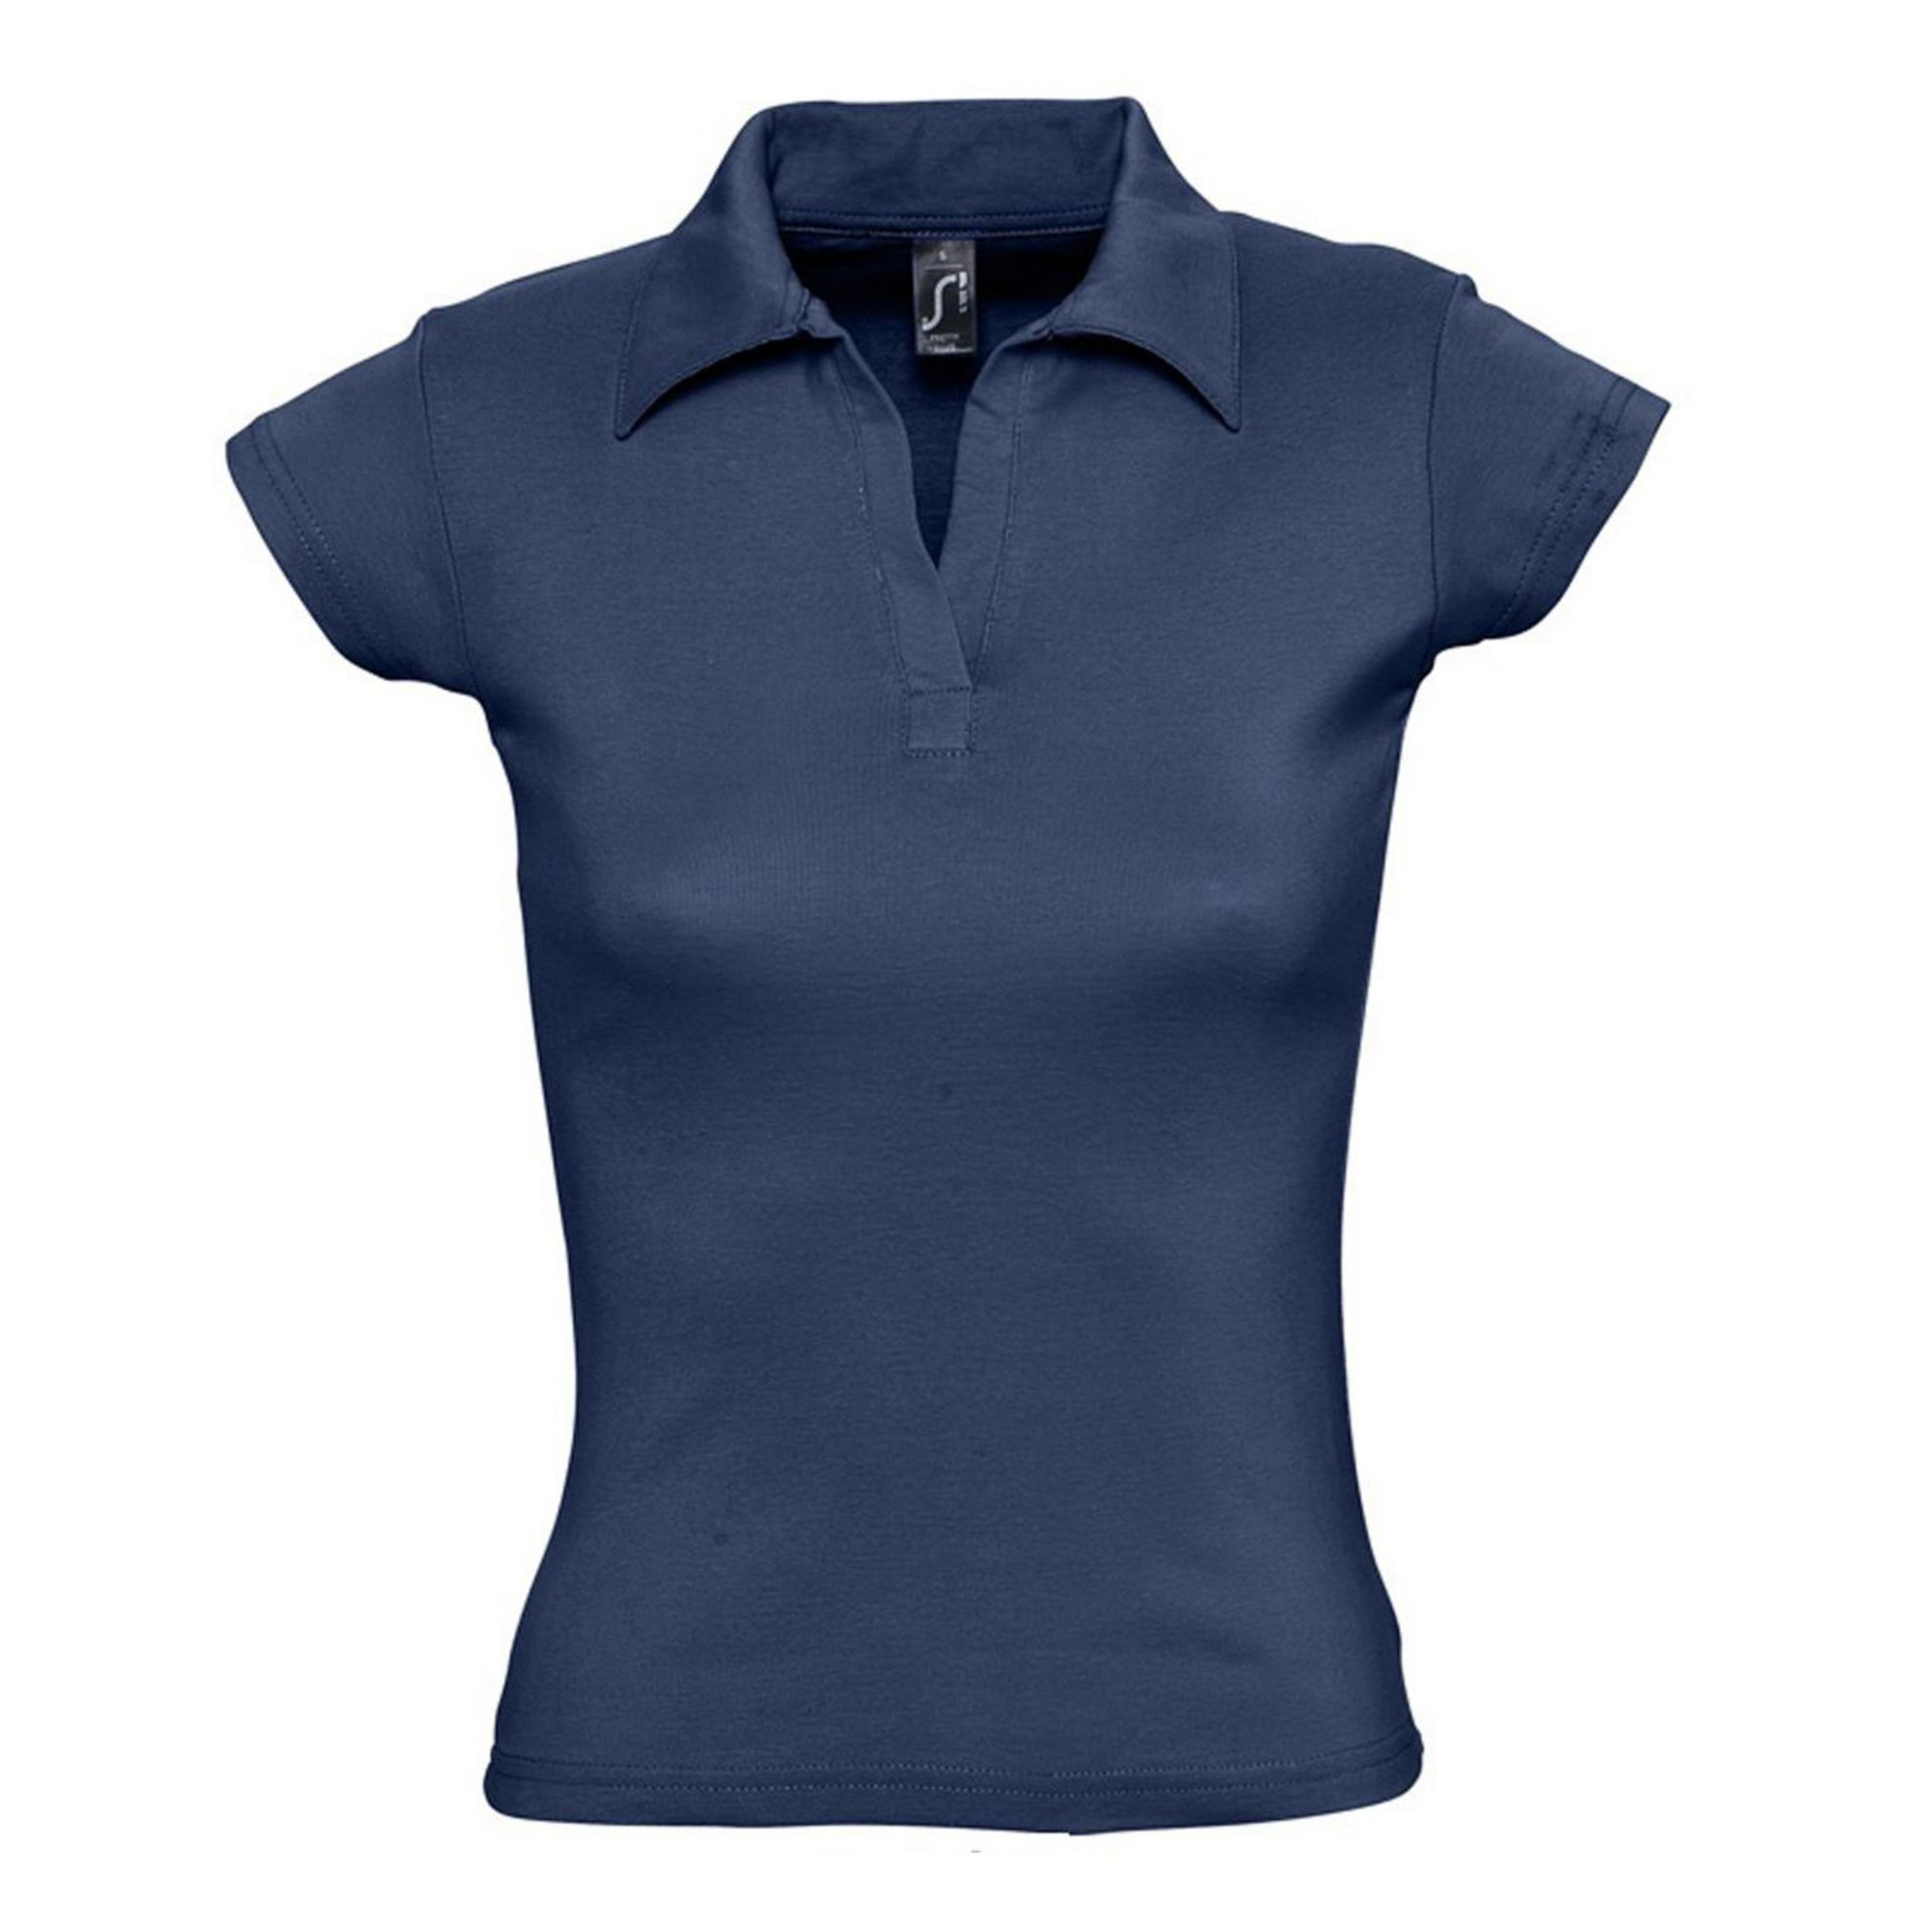 Рубашка поло женская без пуговиц темно-синяя RETTY. арт. 1835 SALE